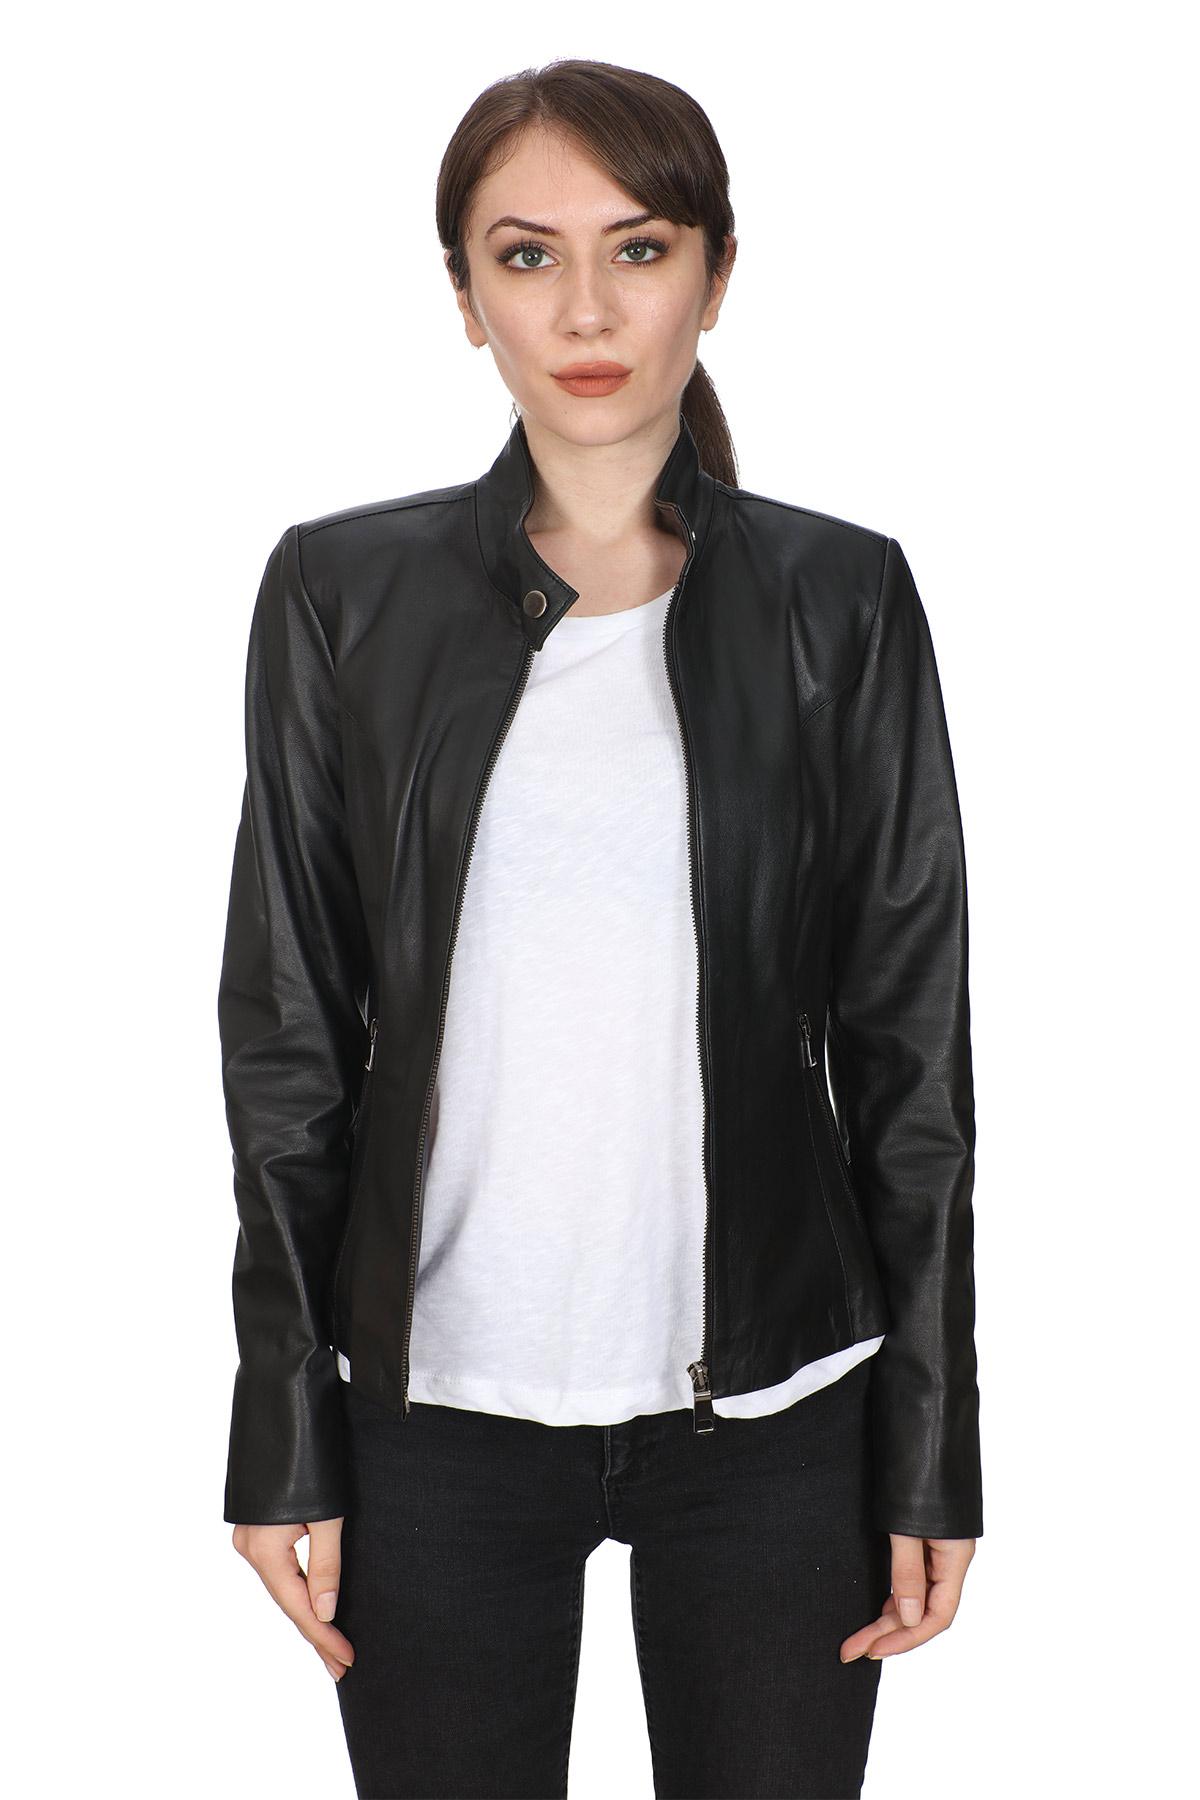 Buy Biker Leather Jackets For Women